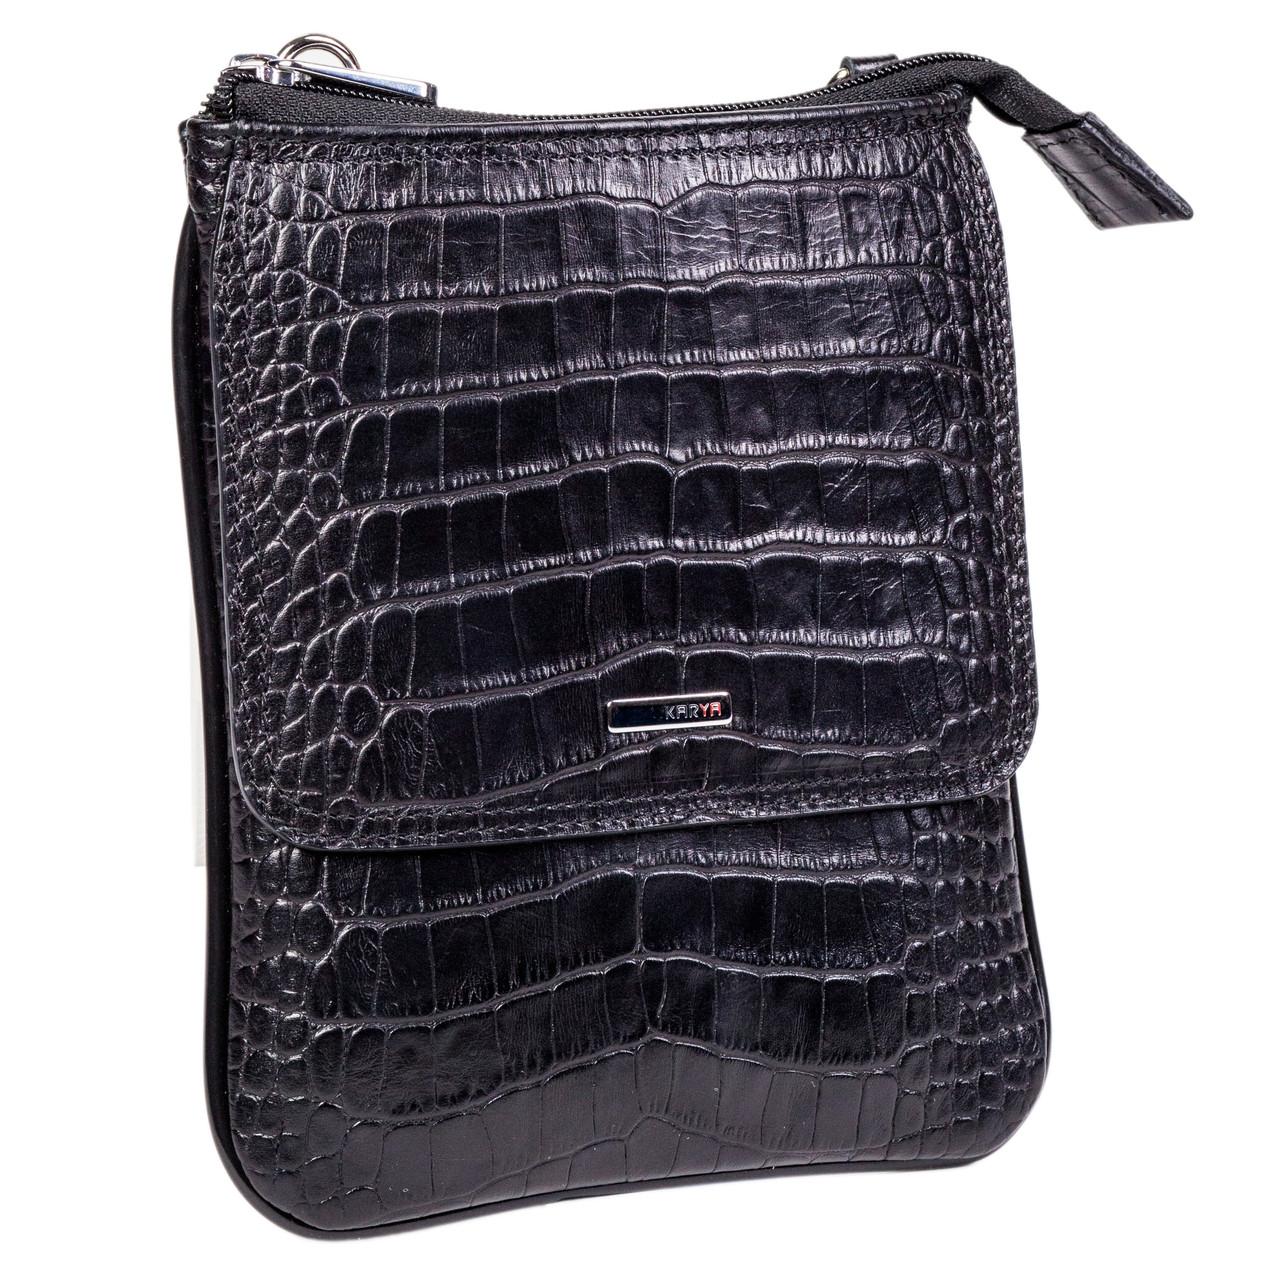 Мужская сумка Karya 0630-53 для документов кожаная черная